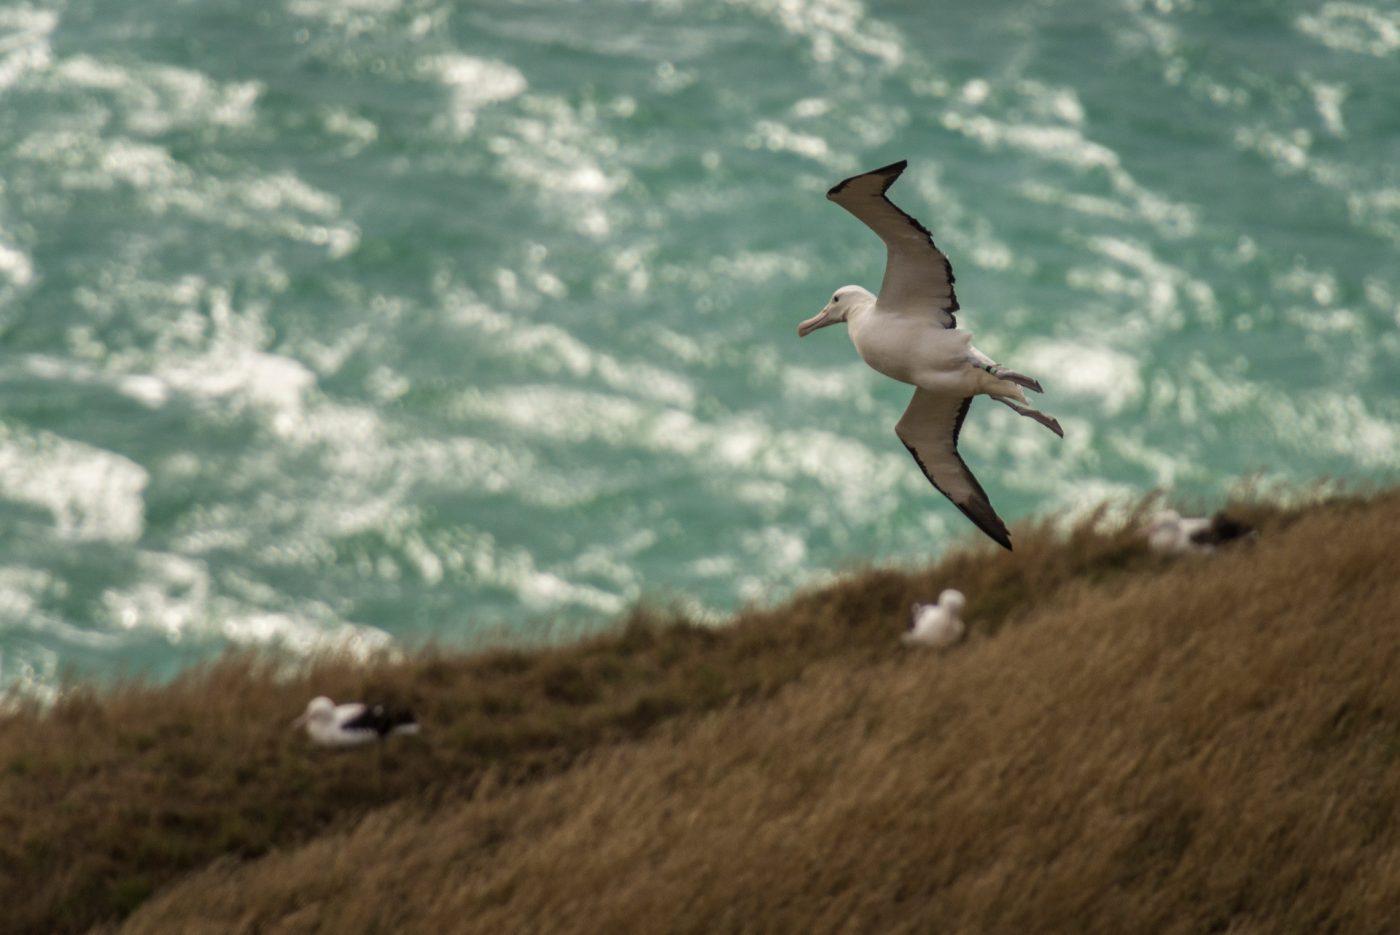 Albatross in Dunedin, Otago, South Island, New Zealand. Photo by DunedinNZ